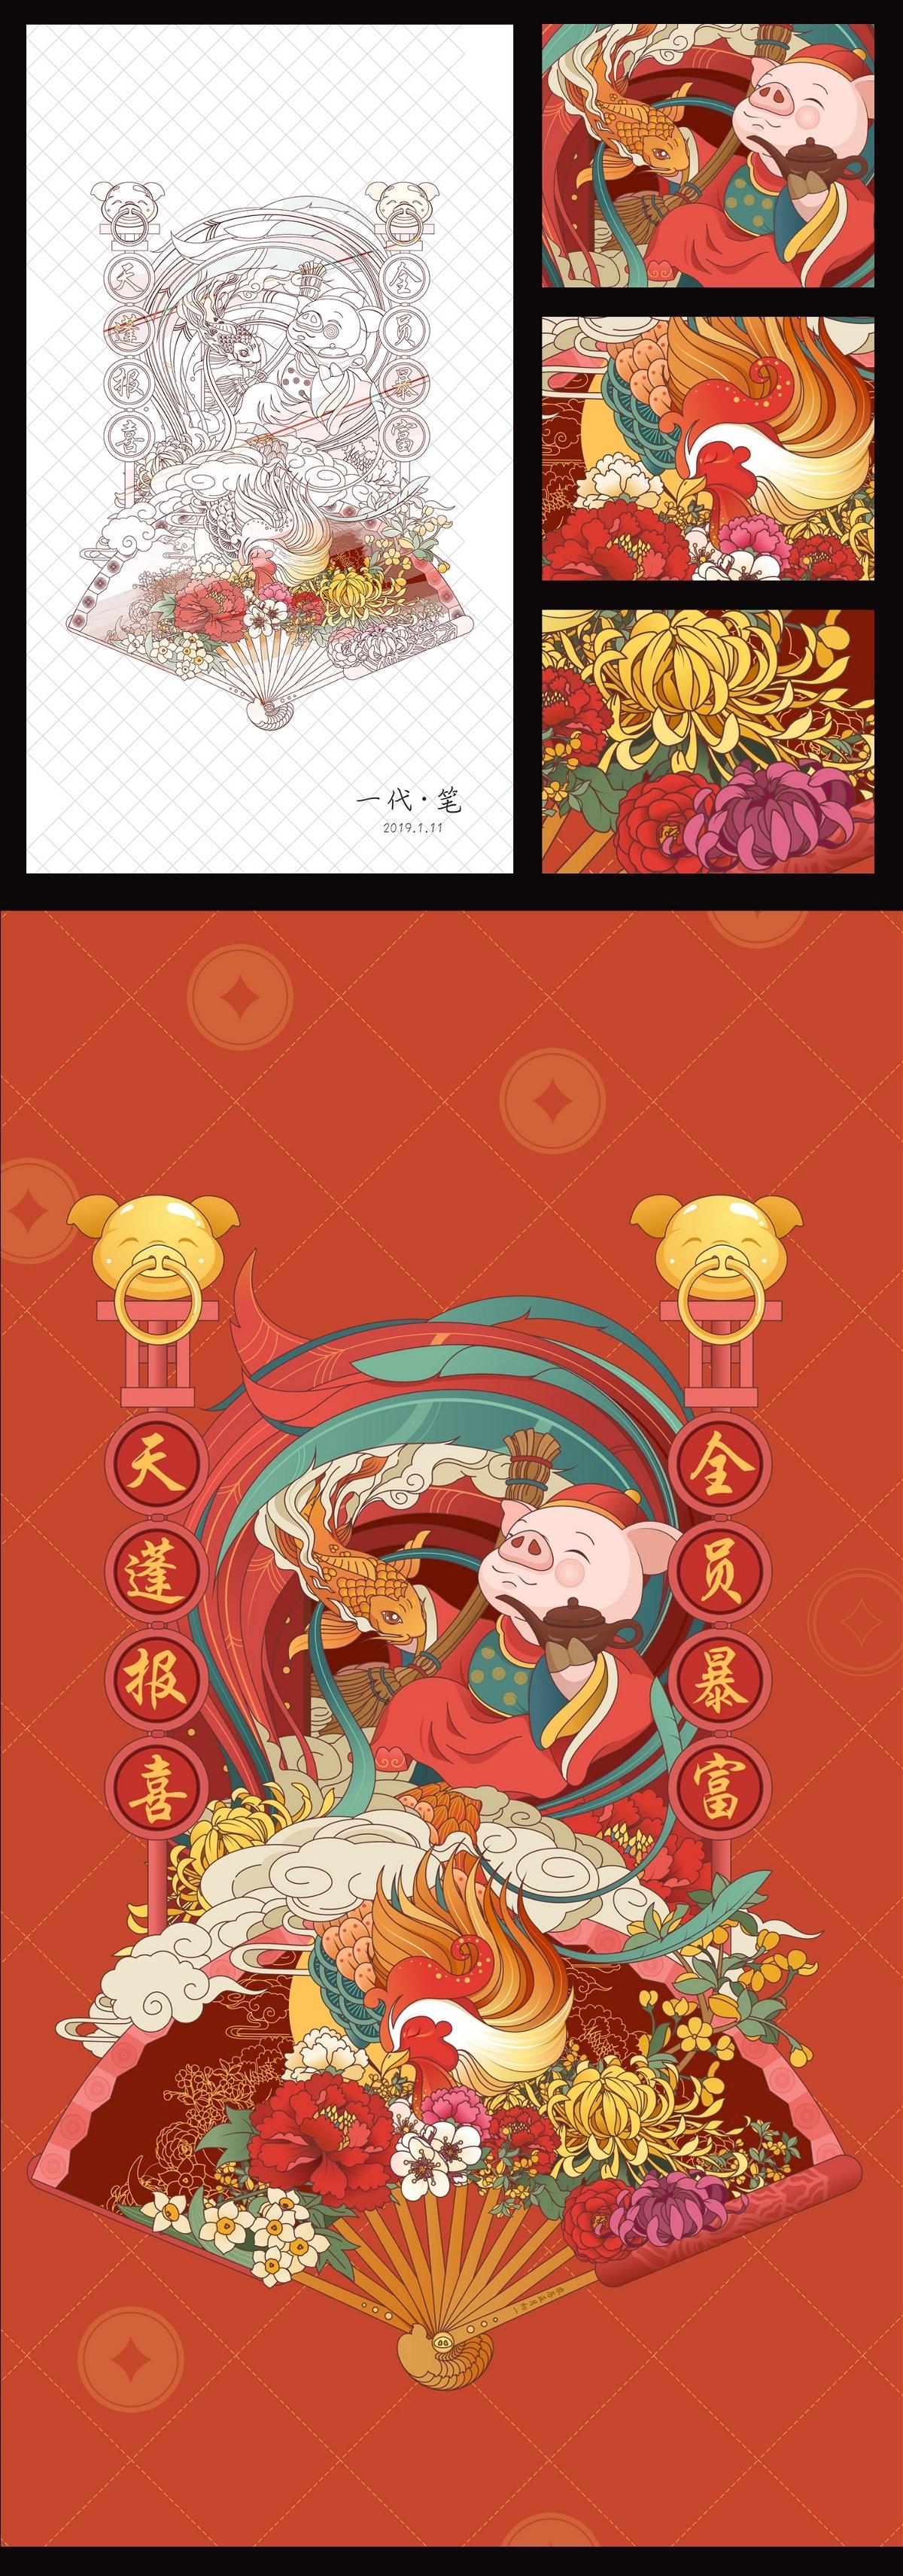 潮新春丨过年的文化原来这样有趣!